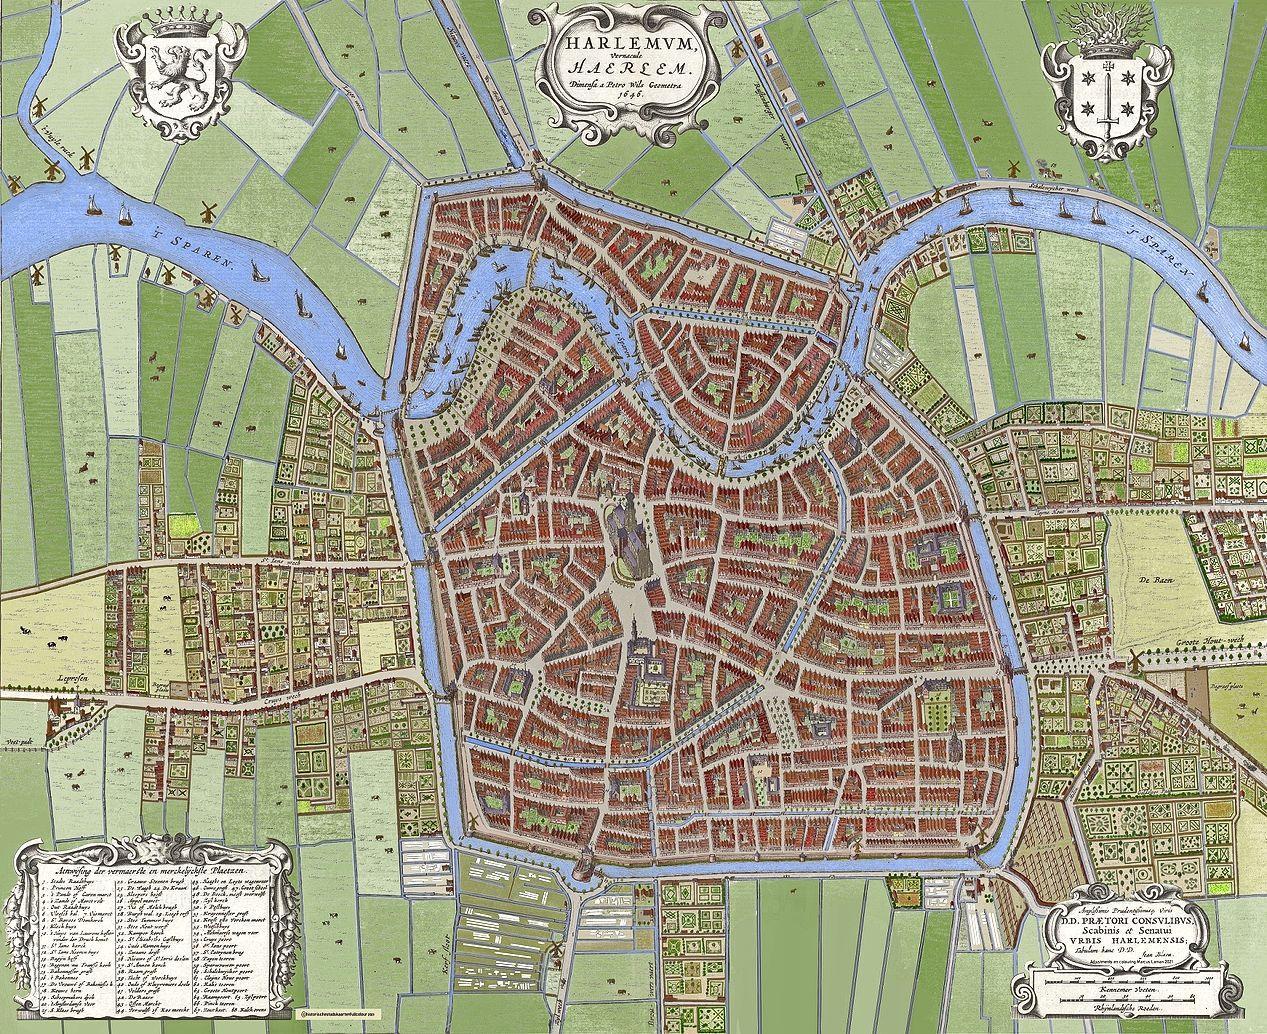 Haarlem in 1649: 'Mensen woonden hutjemutje in zo'n stad, met alle geuren en klanken die je voor lief moest nemen'